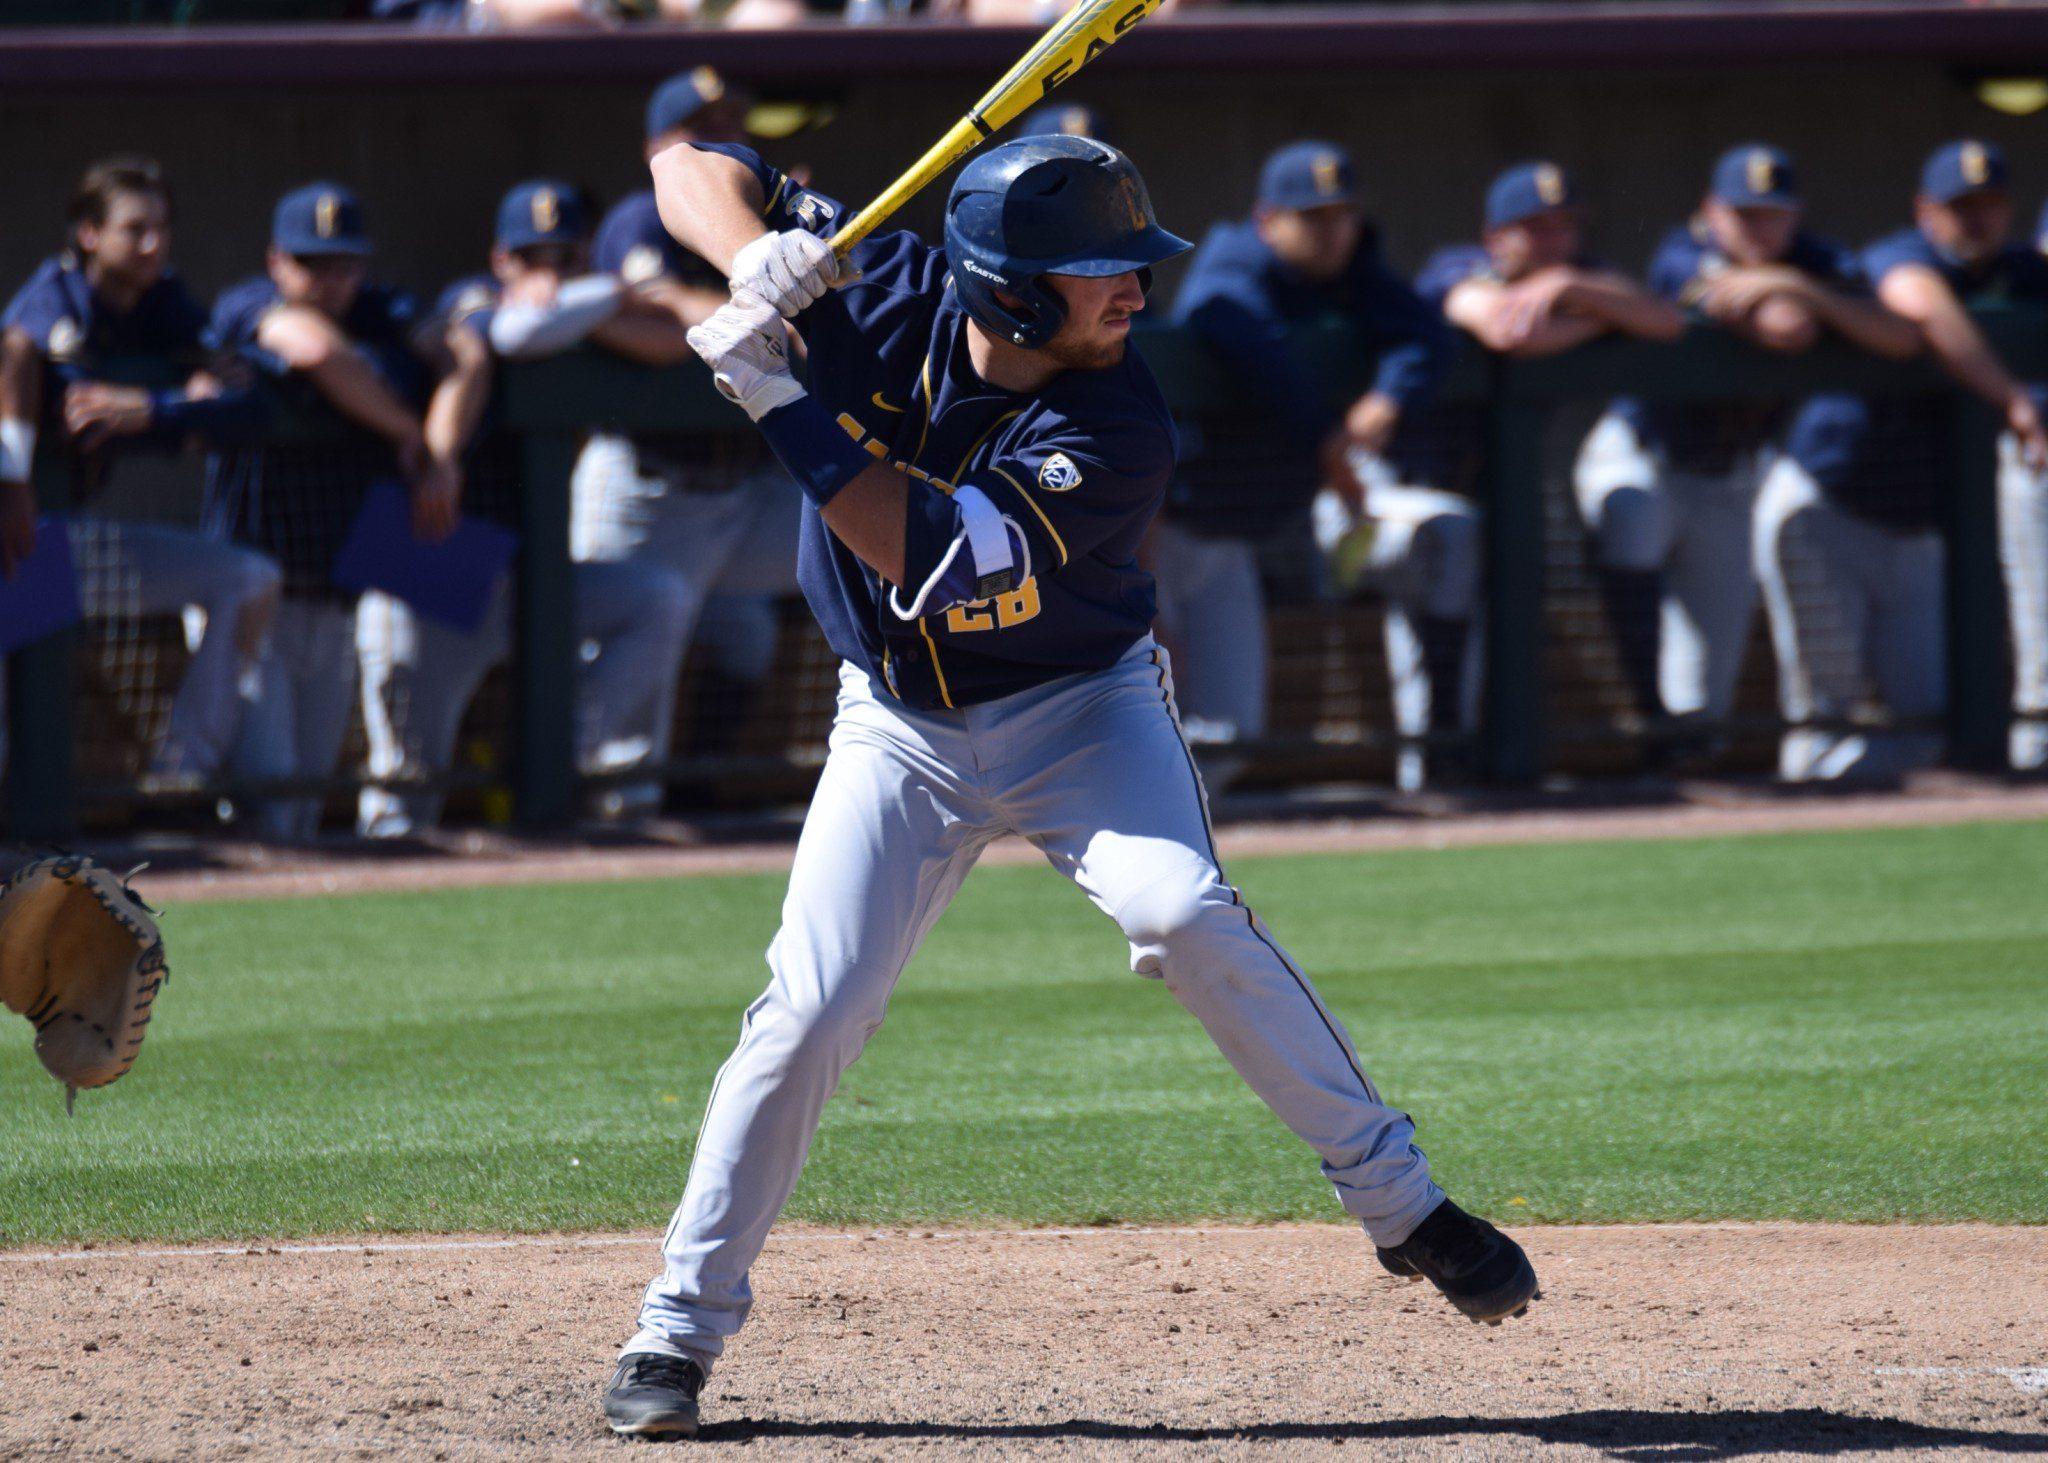 Cal catcher Brett Cumberland (Aaron Fitt)